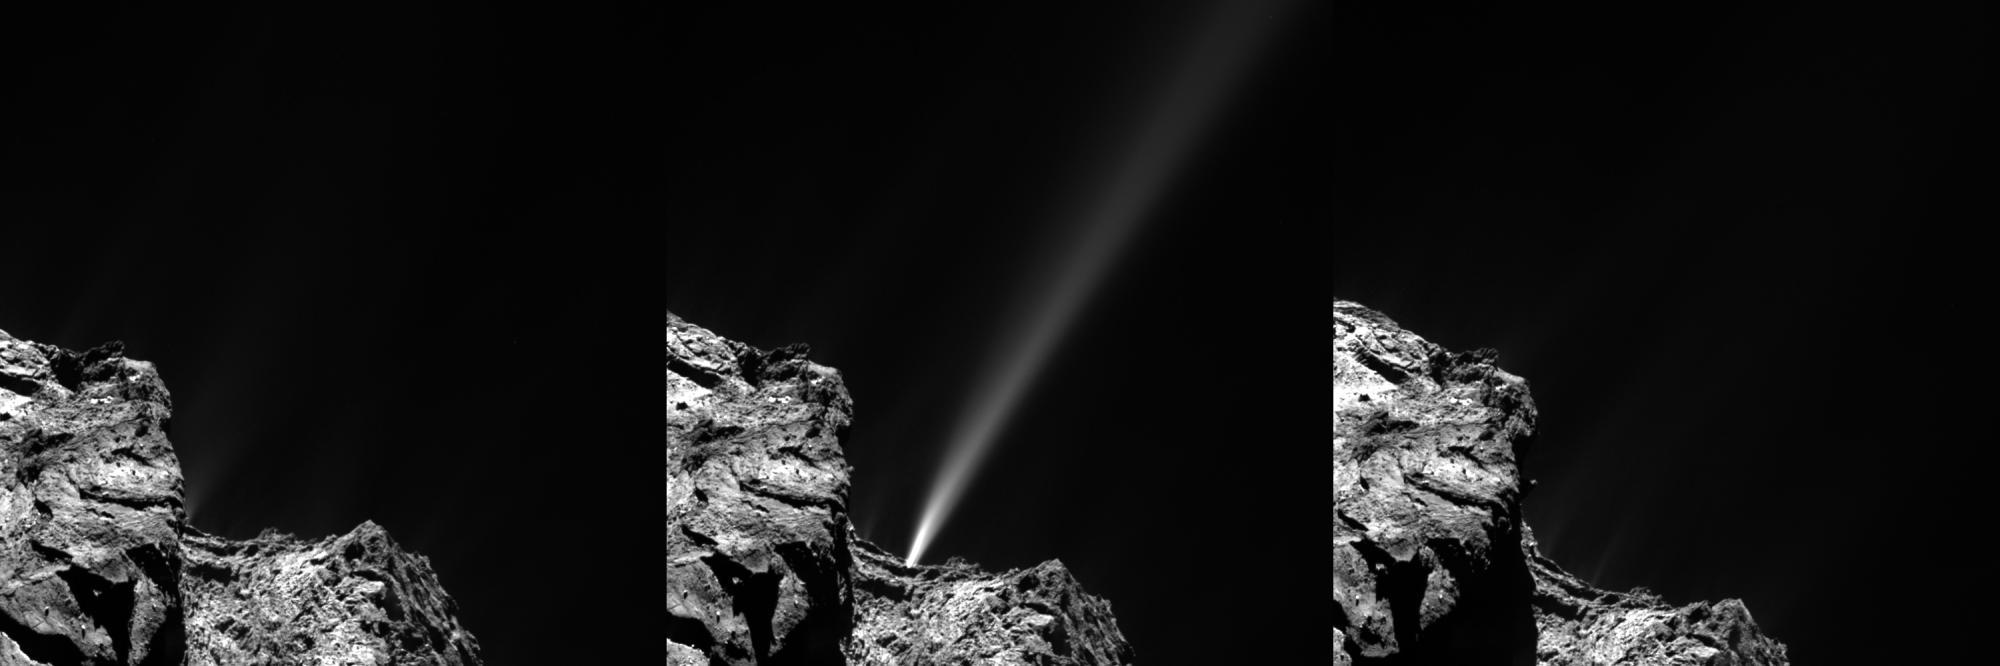 Náhlý outburst komety 67P na snímku sondy Rosetta ze dne 29. července 2015